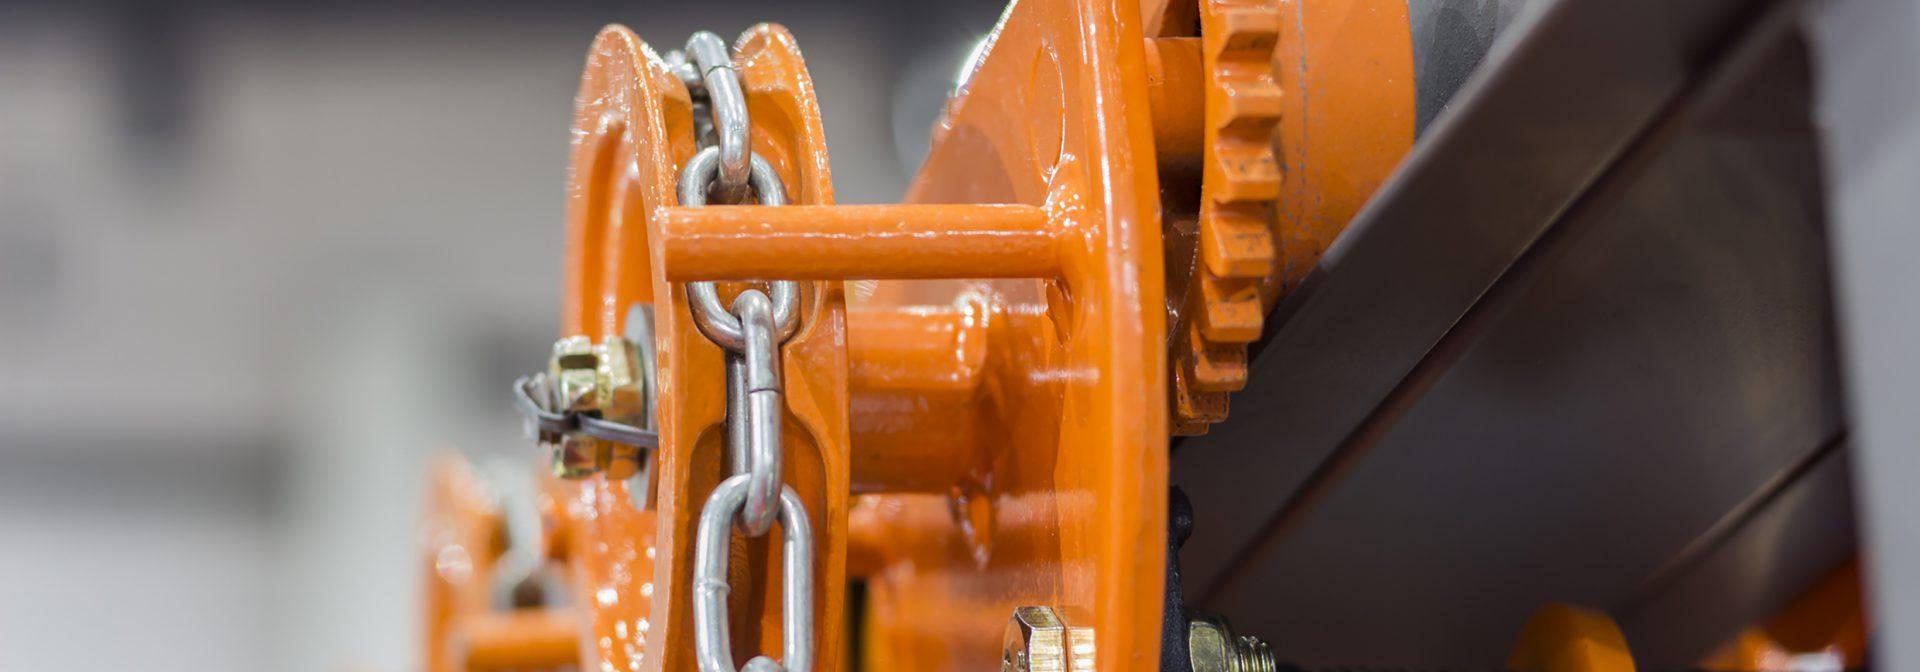 Oranje constructie met ketting van Röttgers Kette via ELCEE